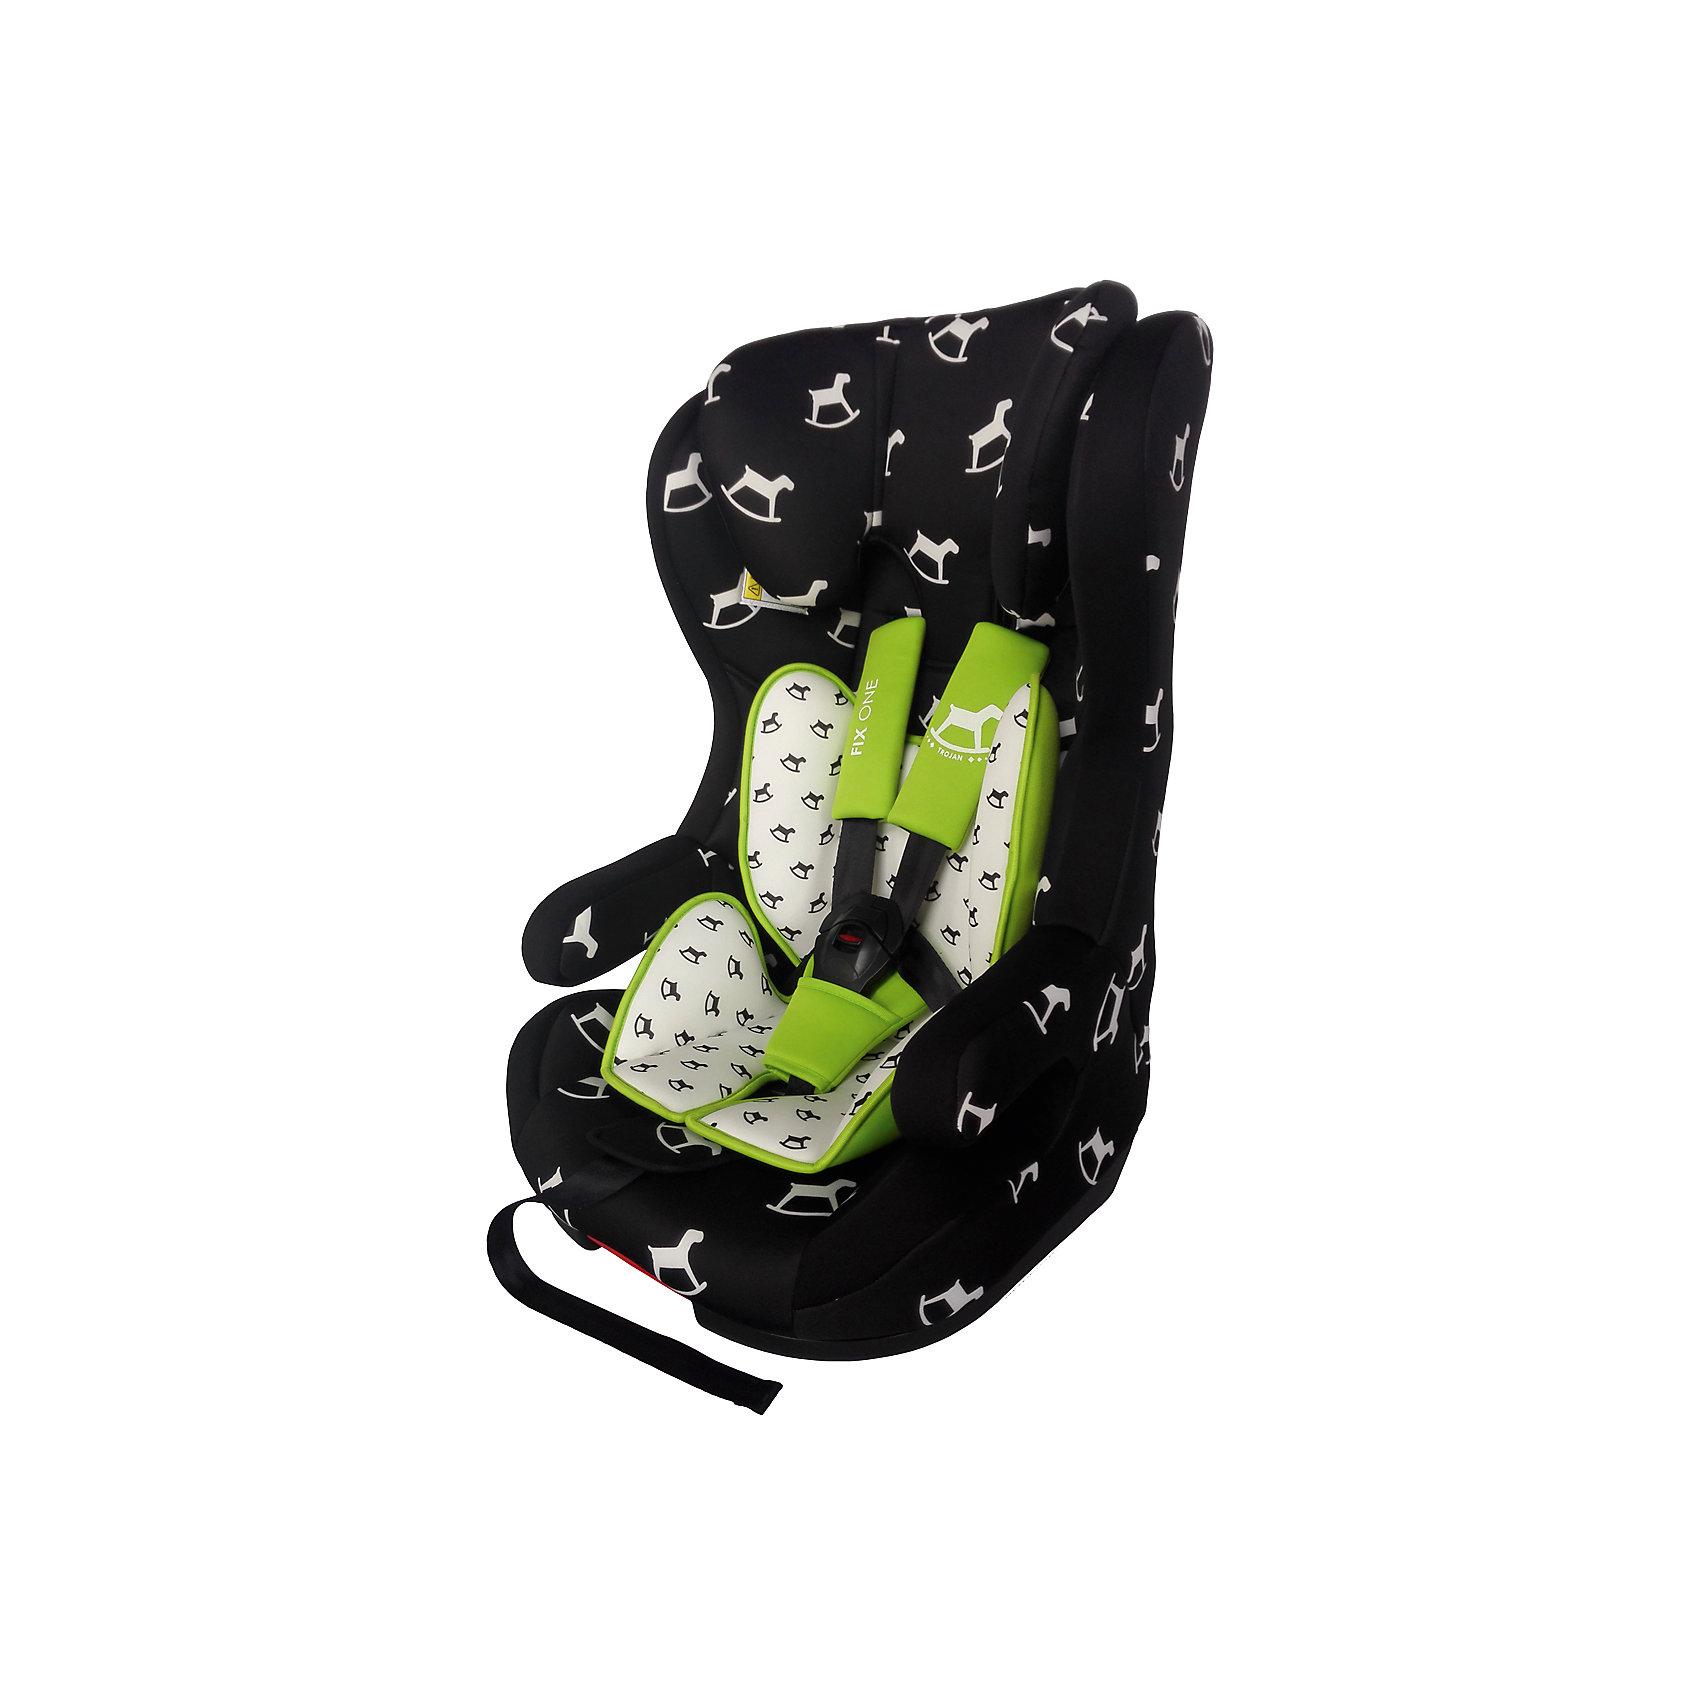 Автокресло Fix One 9-36 кг., Babyhit, чёрно-белая с лошадкамиАвтокресло Babyhit Fix One (1/2/3) - отличный вариант для малыша и практичный – для родителей. Данная модель может быть установлена по ходу движения авто. Обивку кресла легко можно снять и постирать в деликатном режиме при 30 градусах.  Пятиточечные ремни безопасности аккуратно, но надежно удерживают ребенка  и регулируются по высоте и глубине. Кресло оснащено системой защиты при боковом столкновении, так же есть защитные стенки для головы. Детское автомобильное кресло Babyhit Fix One  будет оптимальным выбором внимательных родителей!<br><br>ОСОБЕННОСТИ:<br><br>• устанавливается по направлению движения и подходит для детей от 9 до 36 кг;<br>• система защиты при боковом столкновении;<br>• 5-ти точечные ремни безопасности;<br>• высокопрочный материал;<br>• мягкий вкладыш;<br>• съемный чехол;<br>• система крепления isofix<br>• соответствует европейским стандартам безопасности ECE R 44/04.<br><br>Дополнительная информация:<br><br>- для детей от 1 года до 12 лет (от 9 до 36 кг.)<br>- съемный чехол<br>- выраженная боковая защита<br>- мягкий вкладыш<br>- 5-ти точечные ремни безопасности<br>- регулировка ремней по глубине и высоте<br>- система крепления Isofix<br><br>Автокресло  Babyhit Fix One 9-36 кг., можно купить в нашем интернет-магазине.<br><br>Ширина мм: 500<br>Глубина мм: 440<br>Высота мм: 780<br>Вес г: 9000<br>Возраст от месяцев: 6<br>Возраст до месяцев: 144<br>Пол: Унисекс<br>Возраст: Детский<br>SKU: 4968981